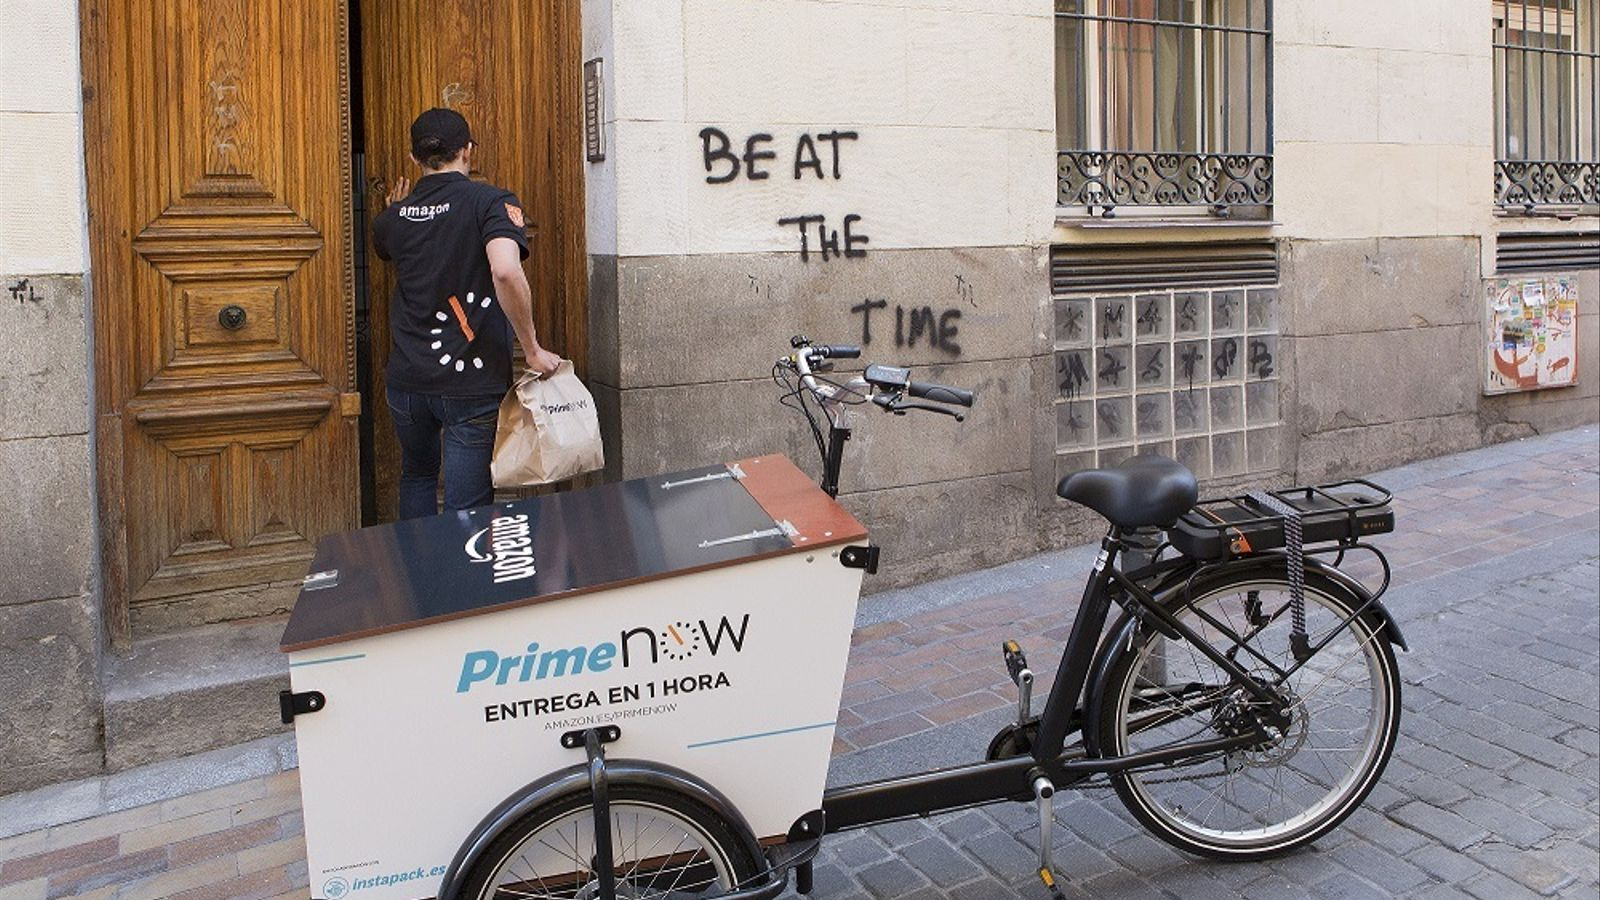 Amazon ja pot entregar en una hora, però només Madrid